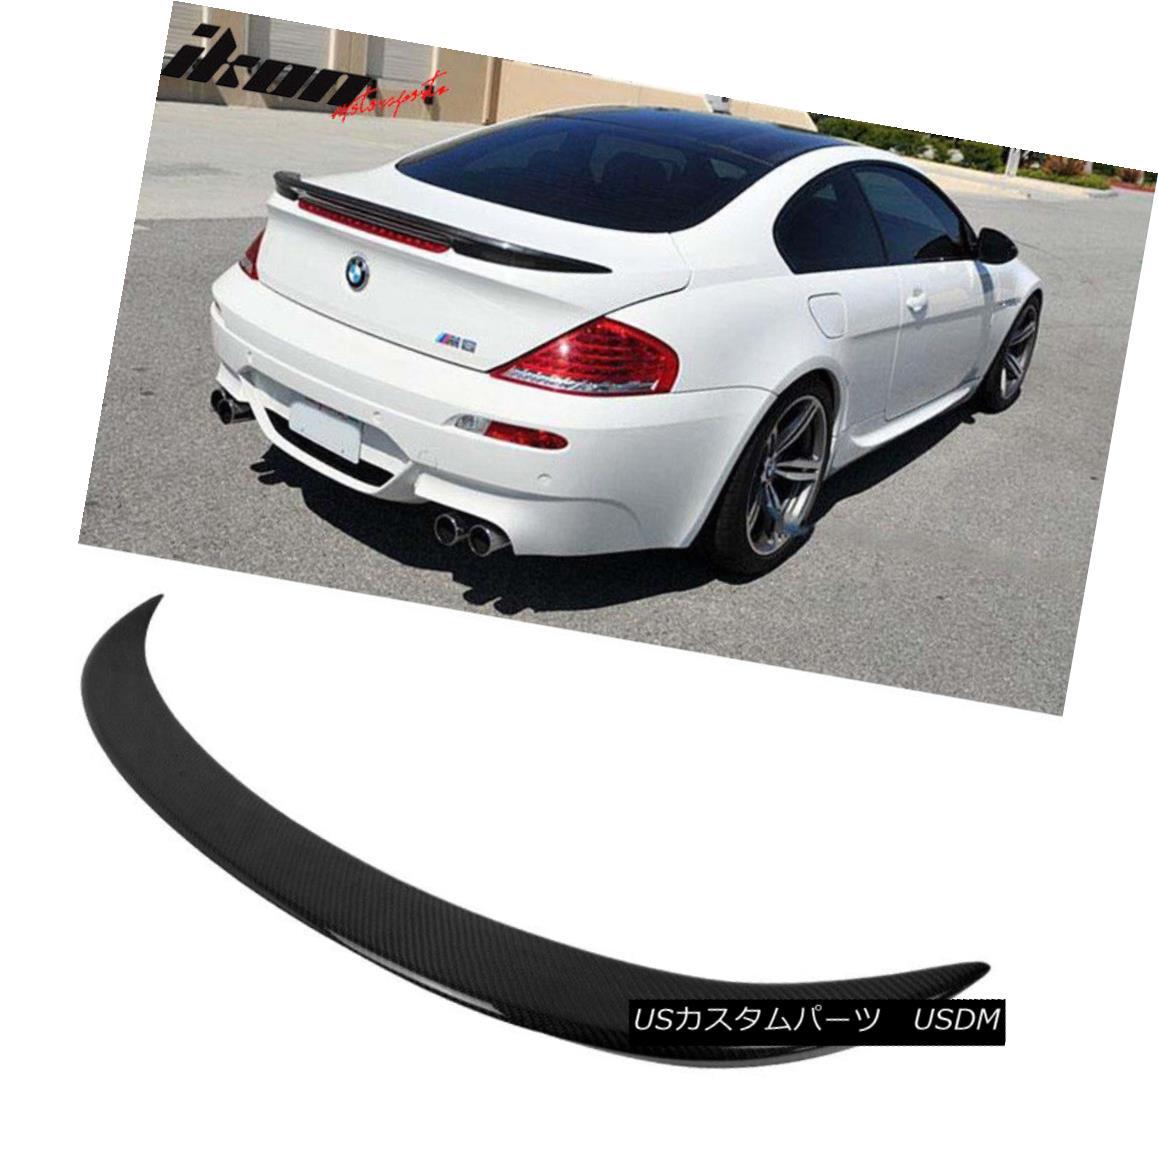 エアロパーツ Fits 04-08 BMW E63 6-Series Coupe Carbon Fiber CF V Style Trunk Spoiler Wing フィット04-08 BMW E63 6シリーズクーペ炭素繊維CF Vスタイルトランクスポイラーウィング